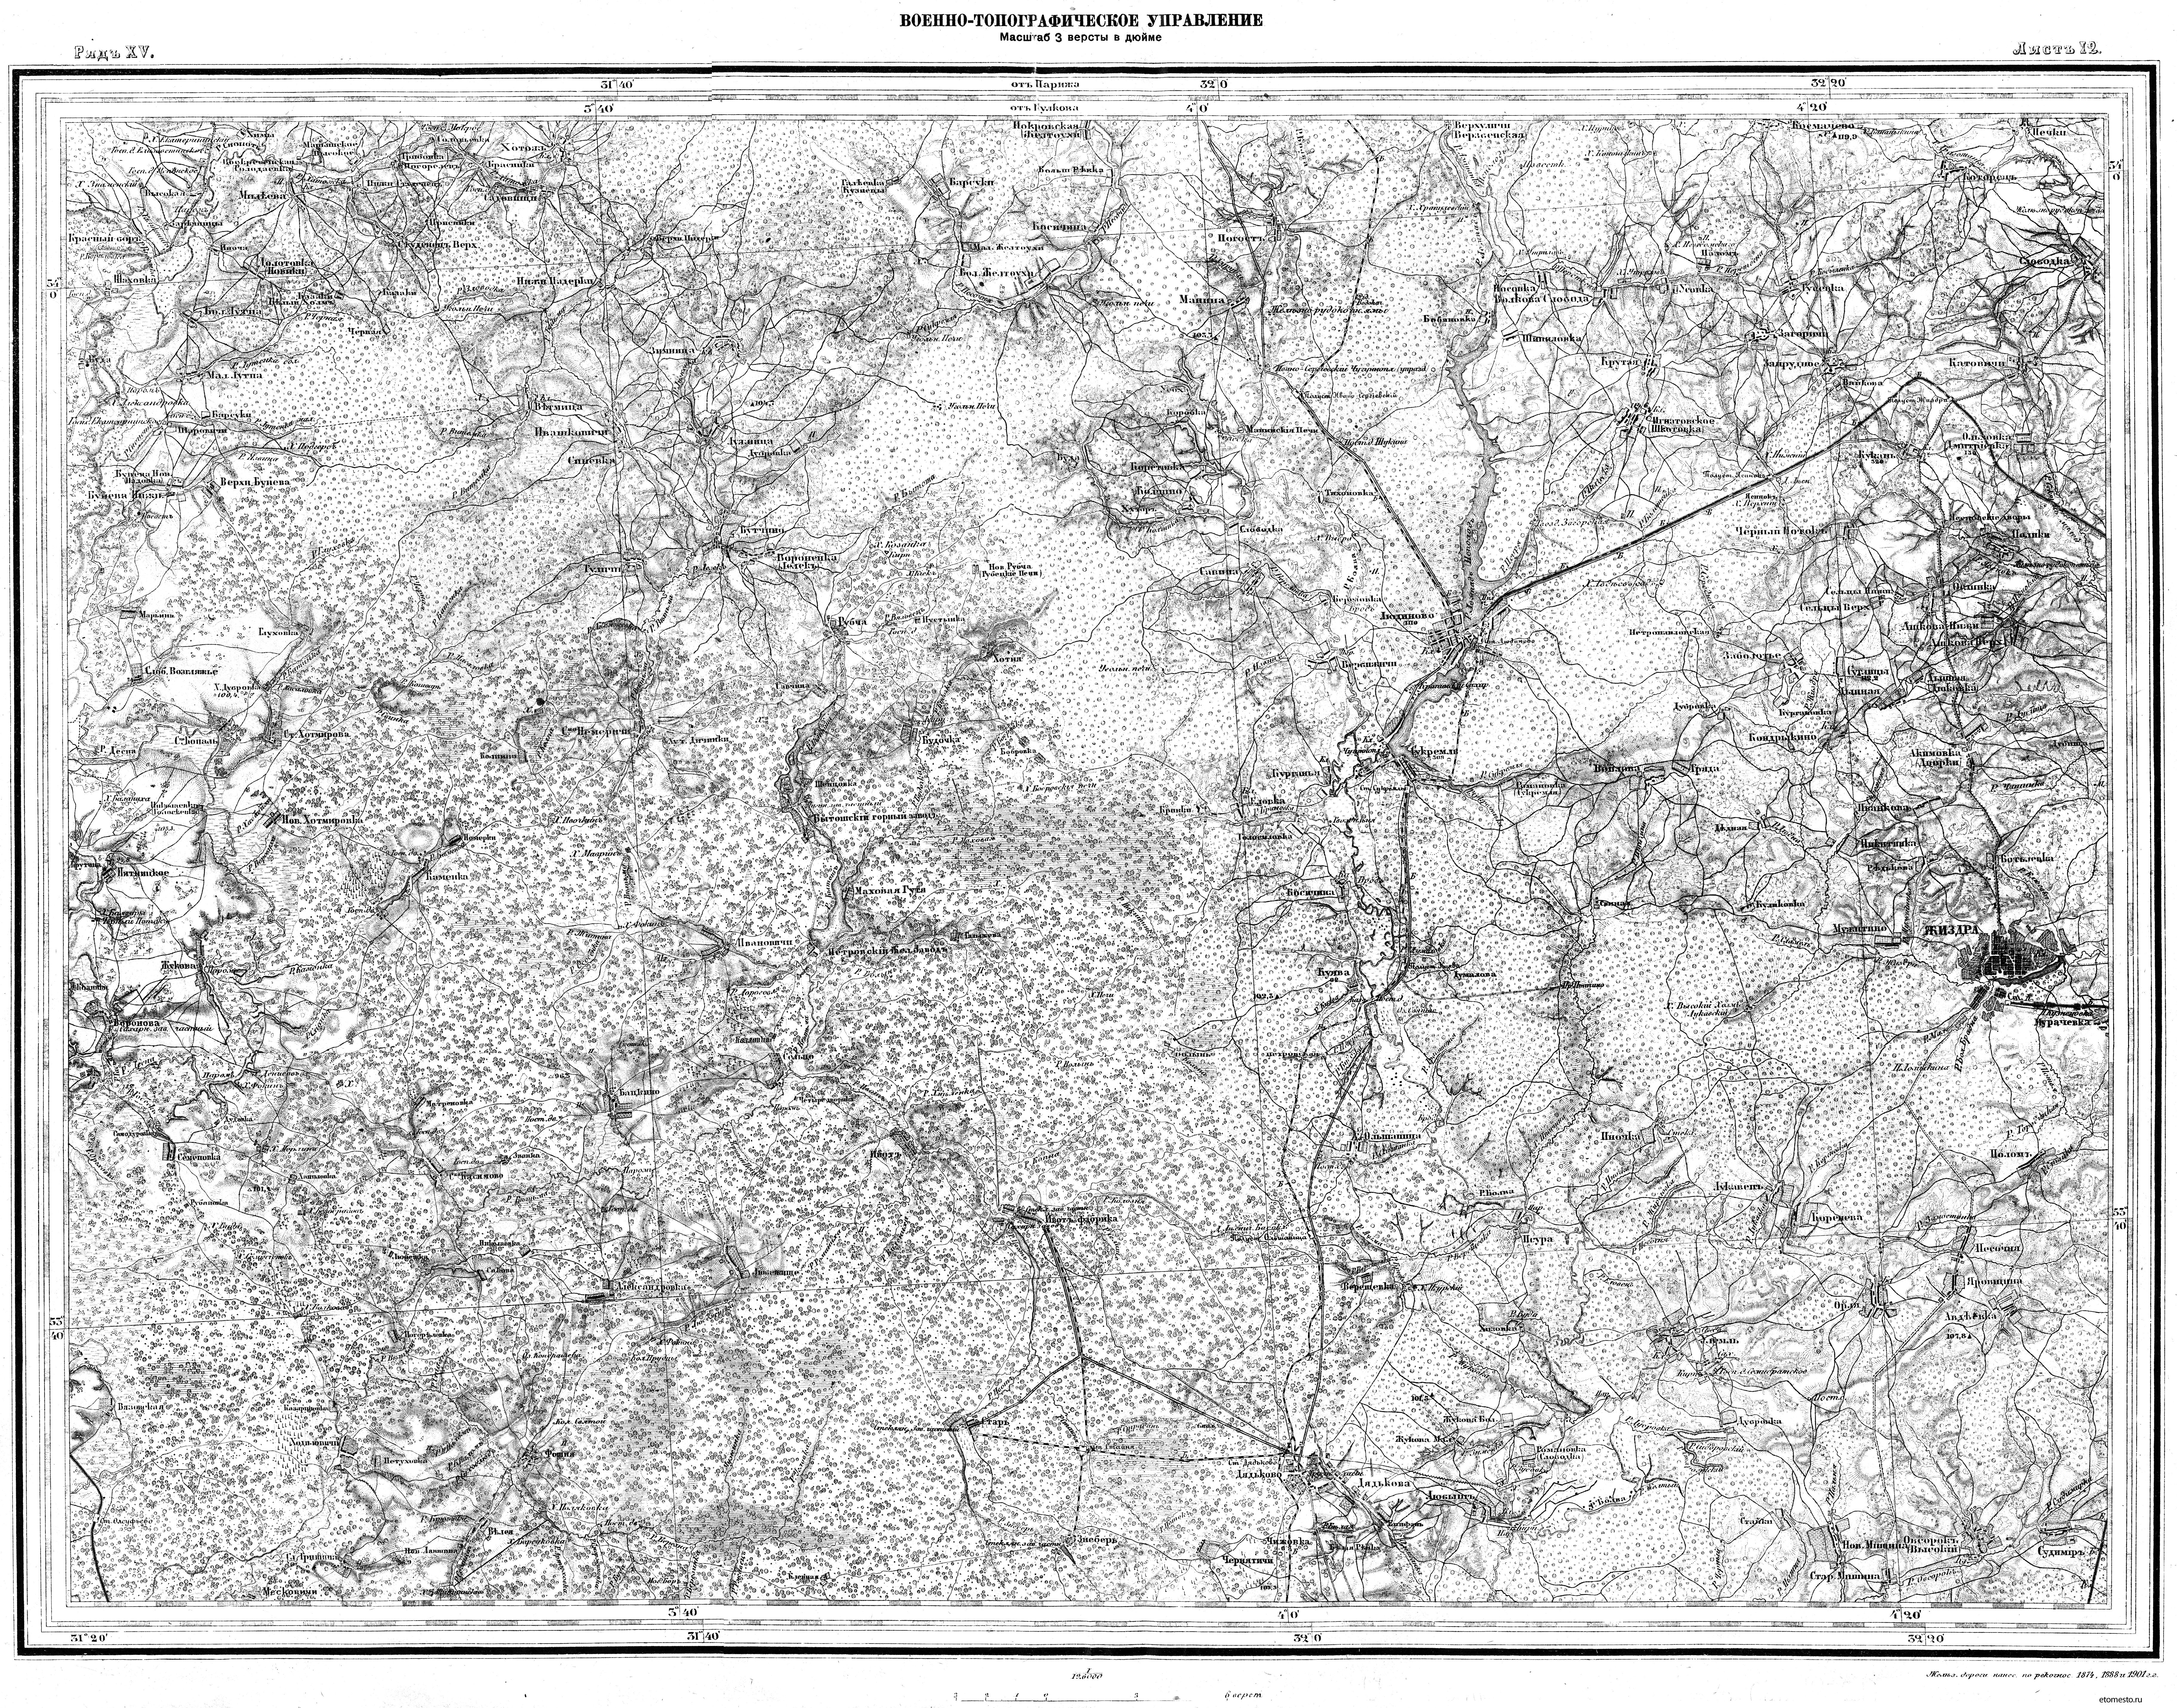 Это место ру карта шуберта смоленская губерния олимпиада 88 прыжки с трамплина